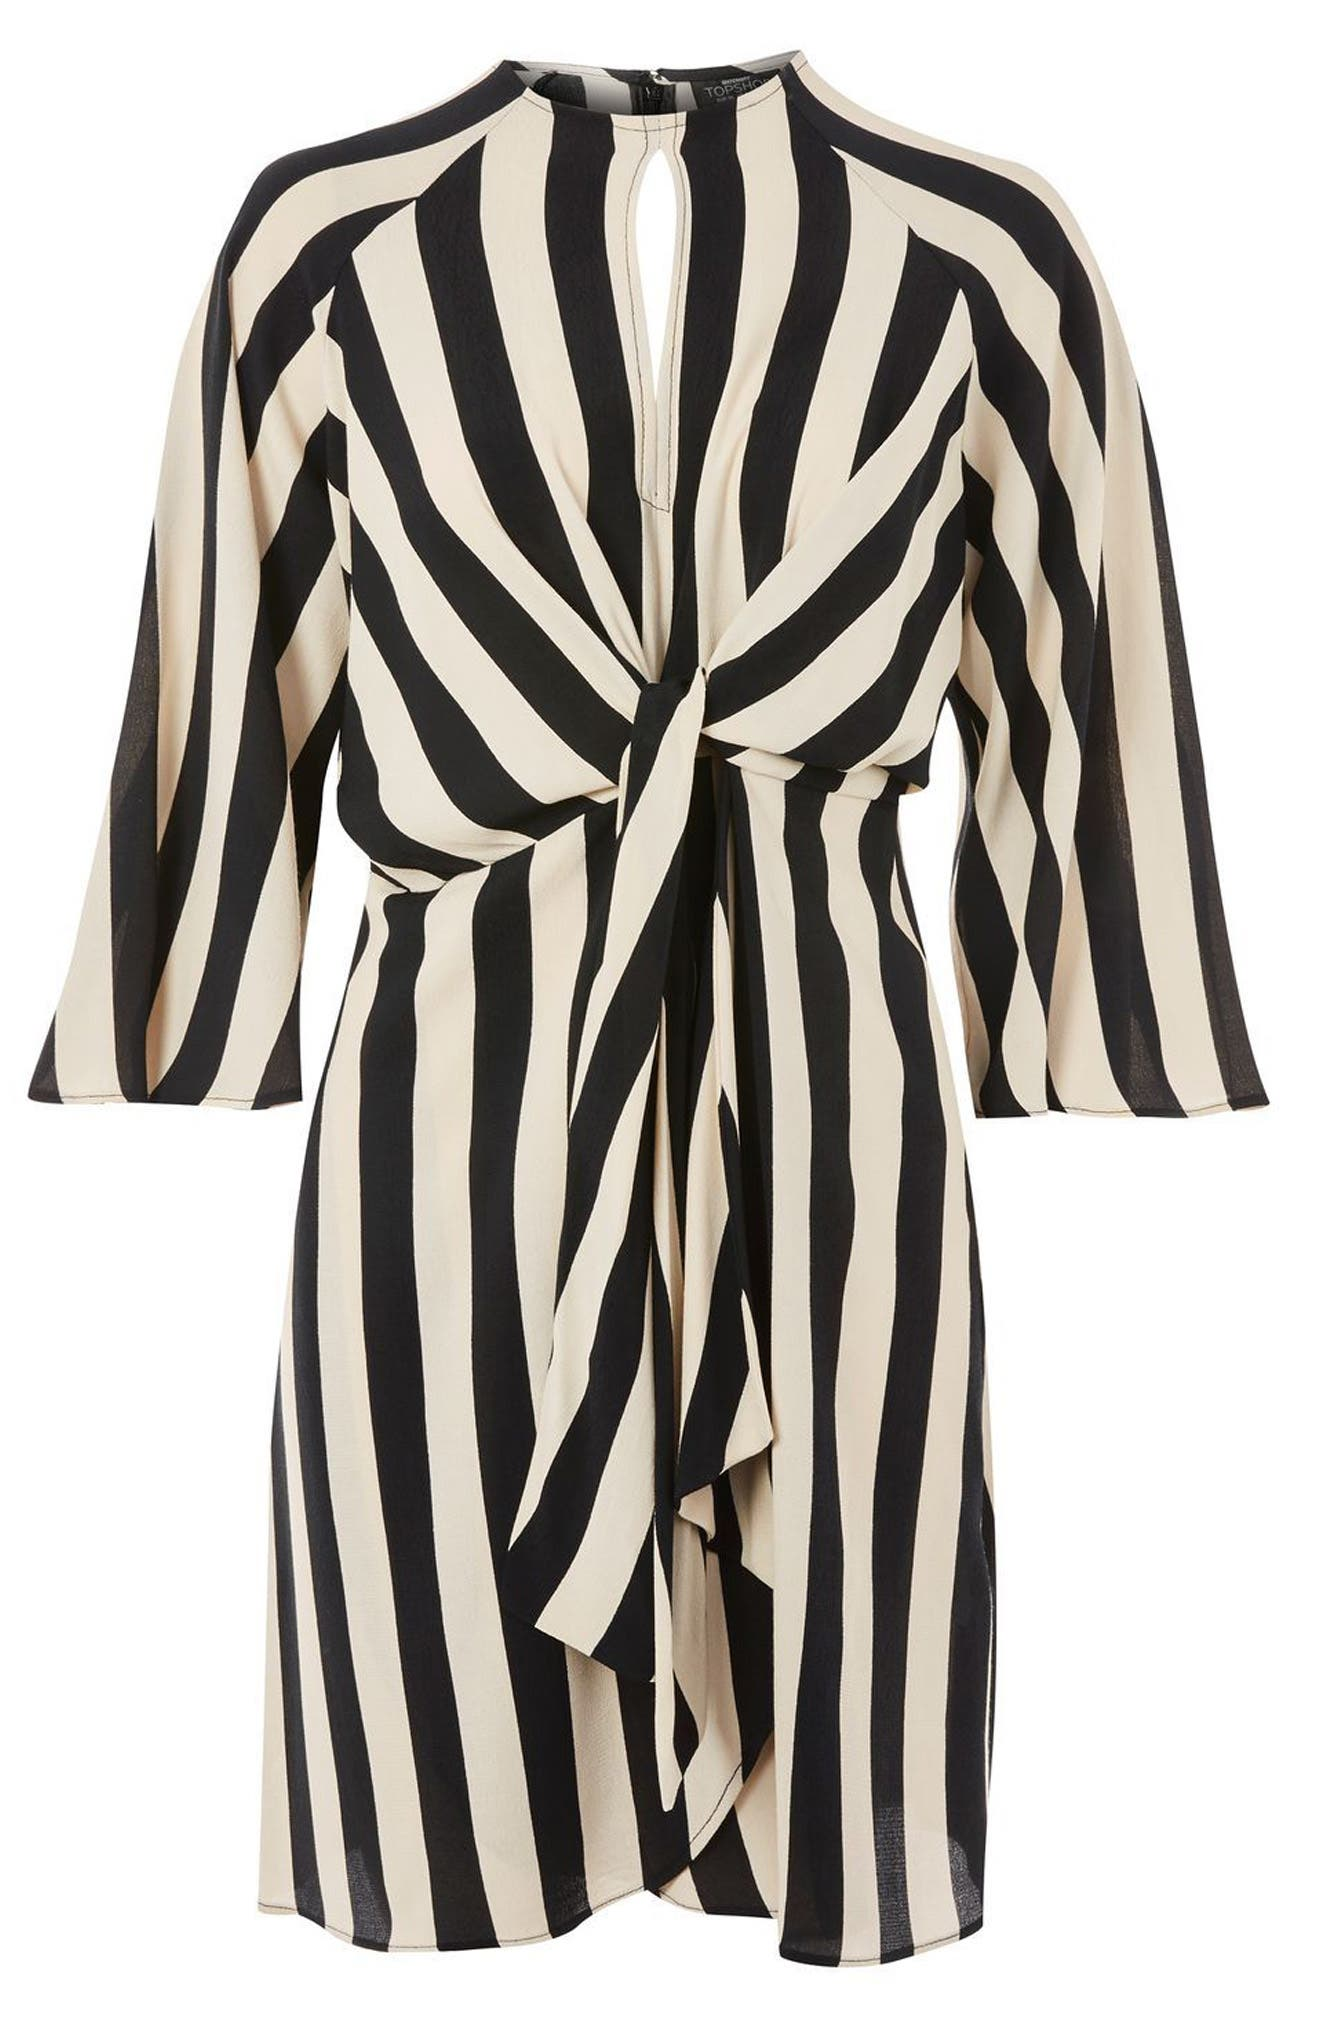 Humbug Stripe Knot Maternity Dress,                             Alternate thumbnail 4, color,                             900